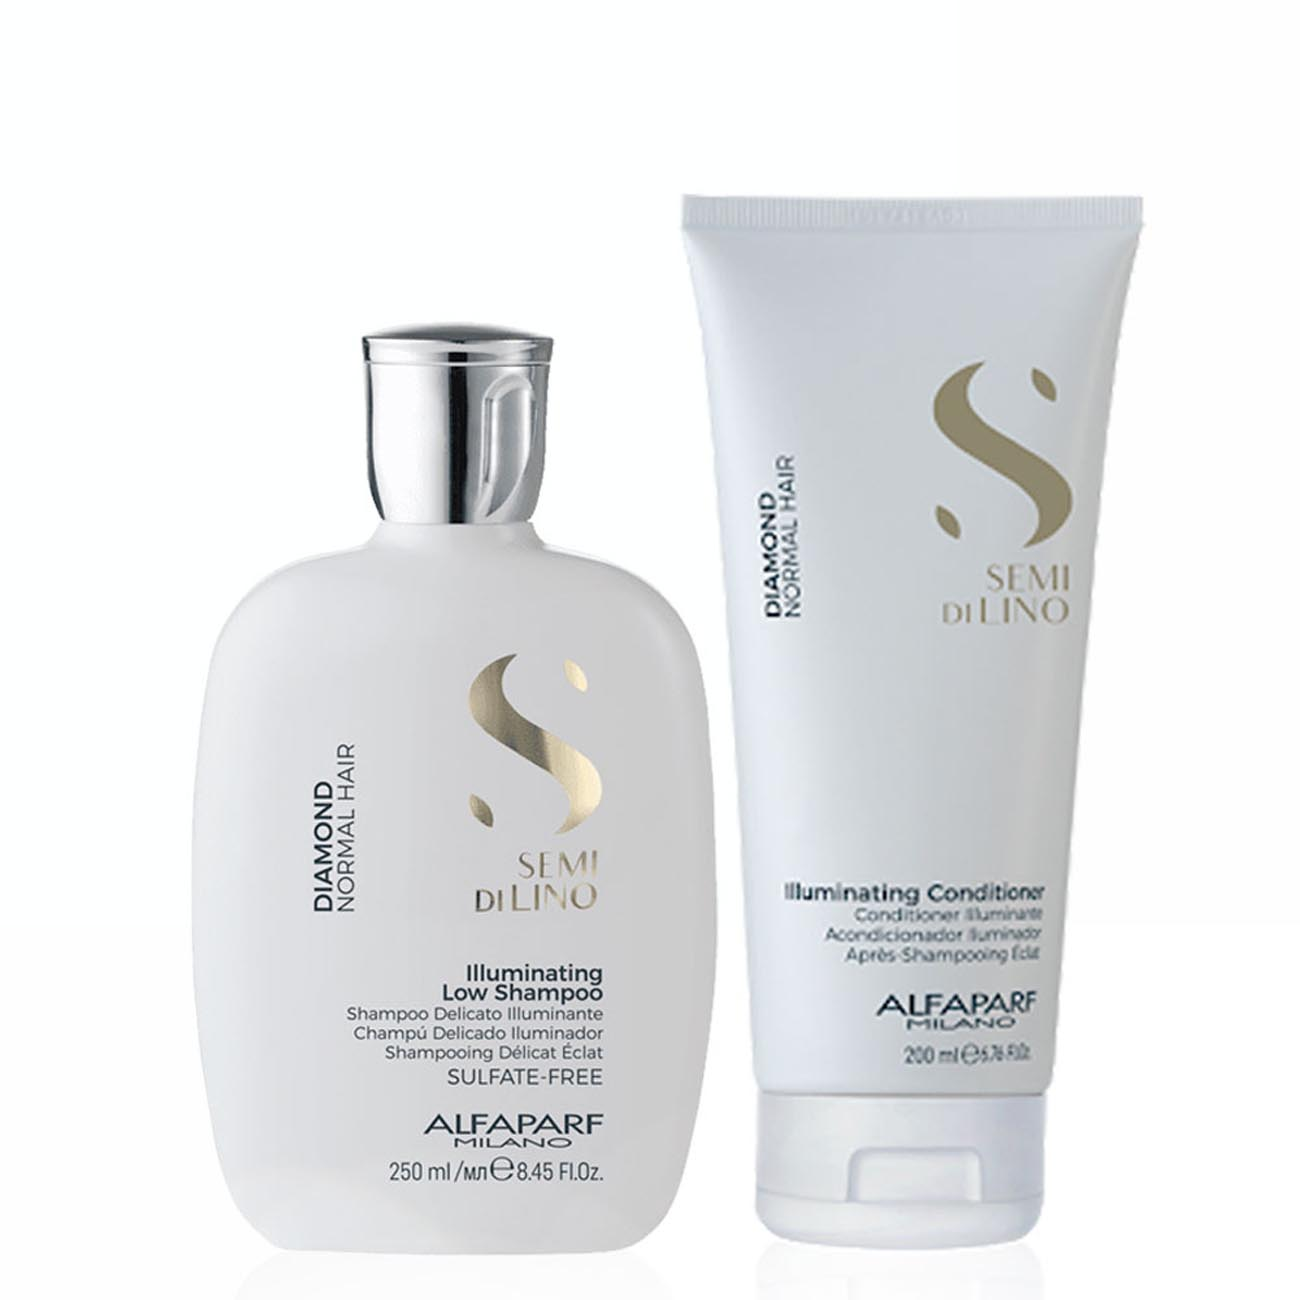 Alfaparf Milano Semi Di LINO Diamond Normal Hair Illuminating Shampoo and Conditioner Home Care